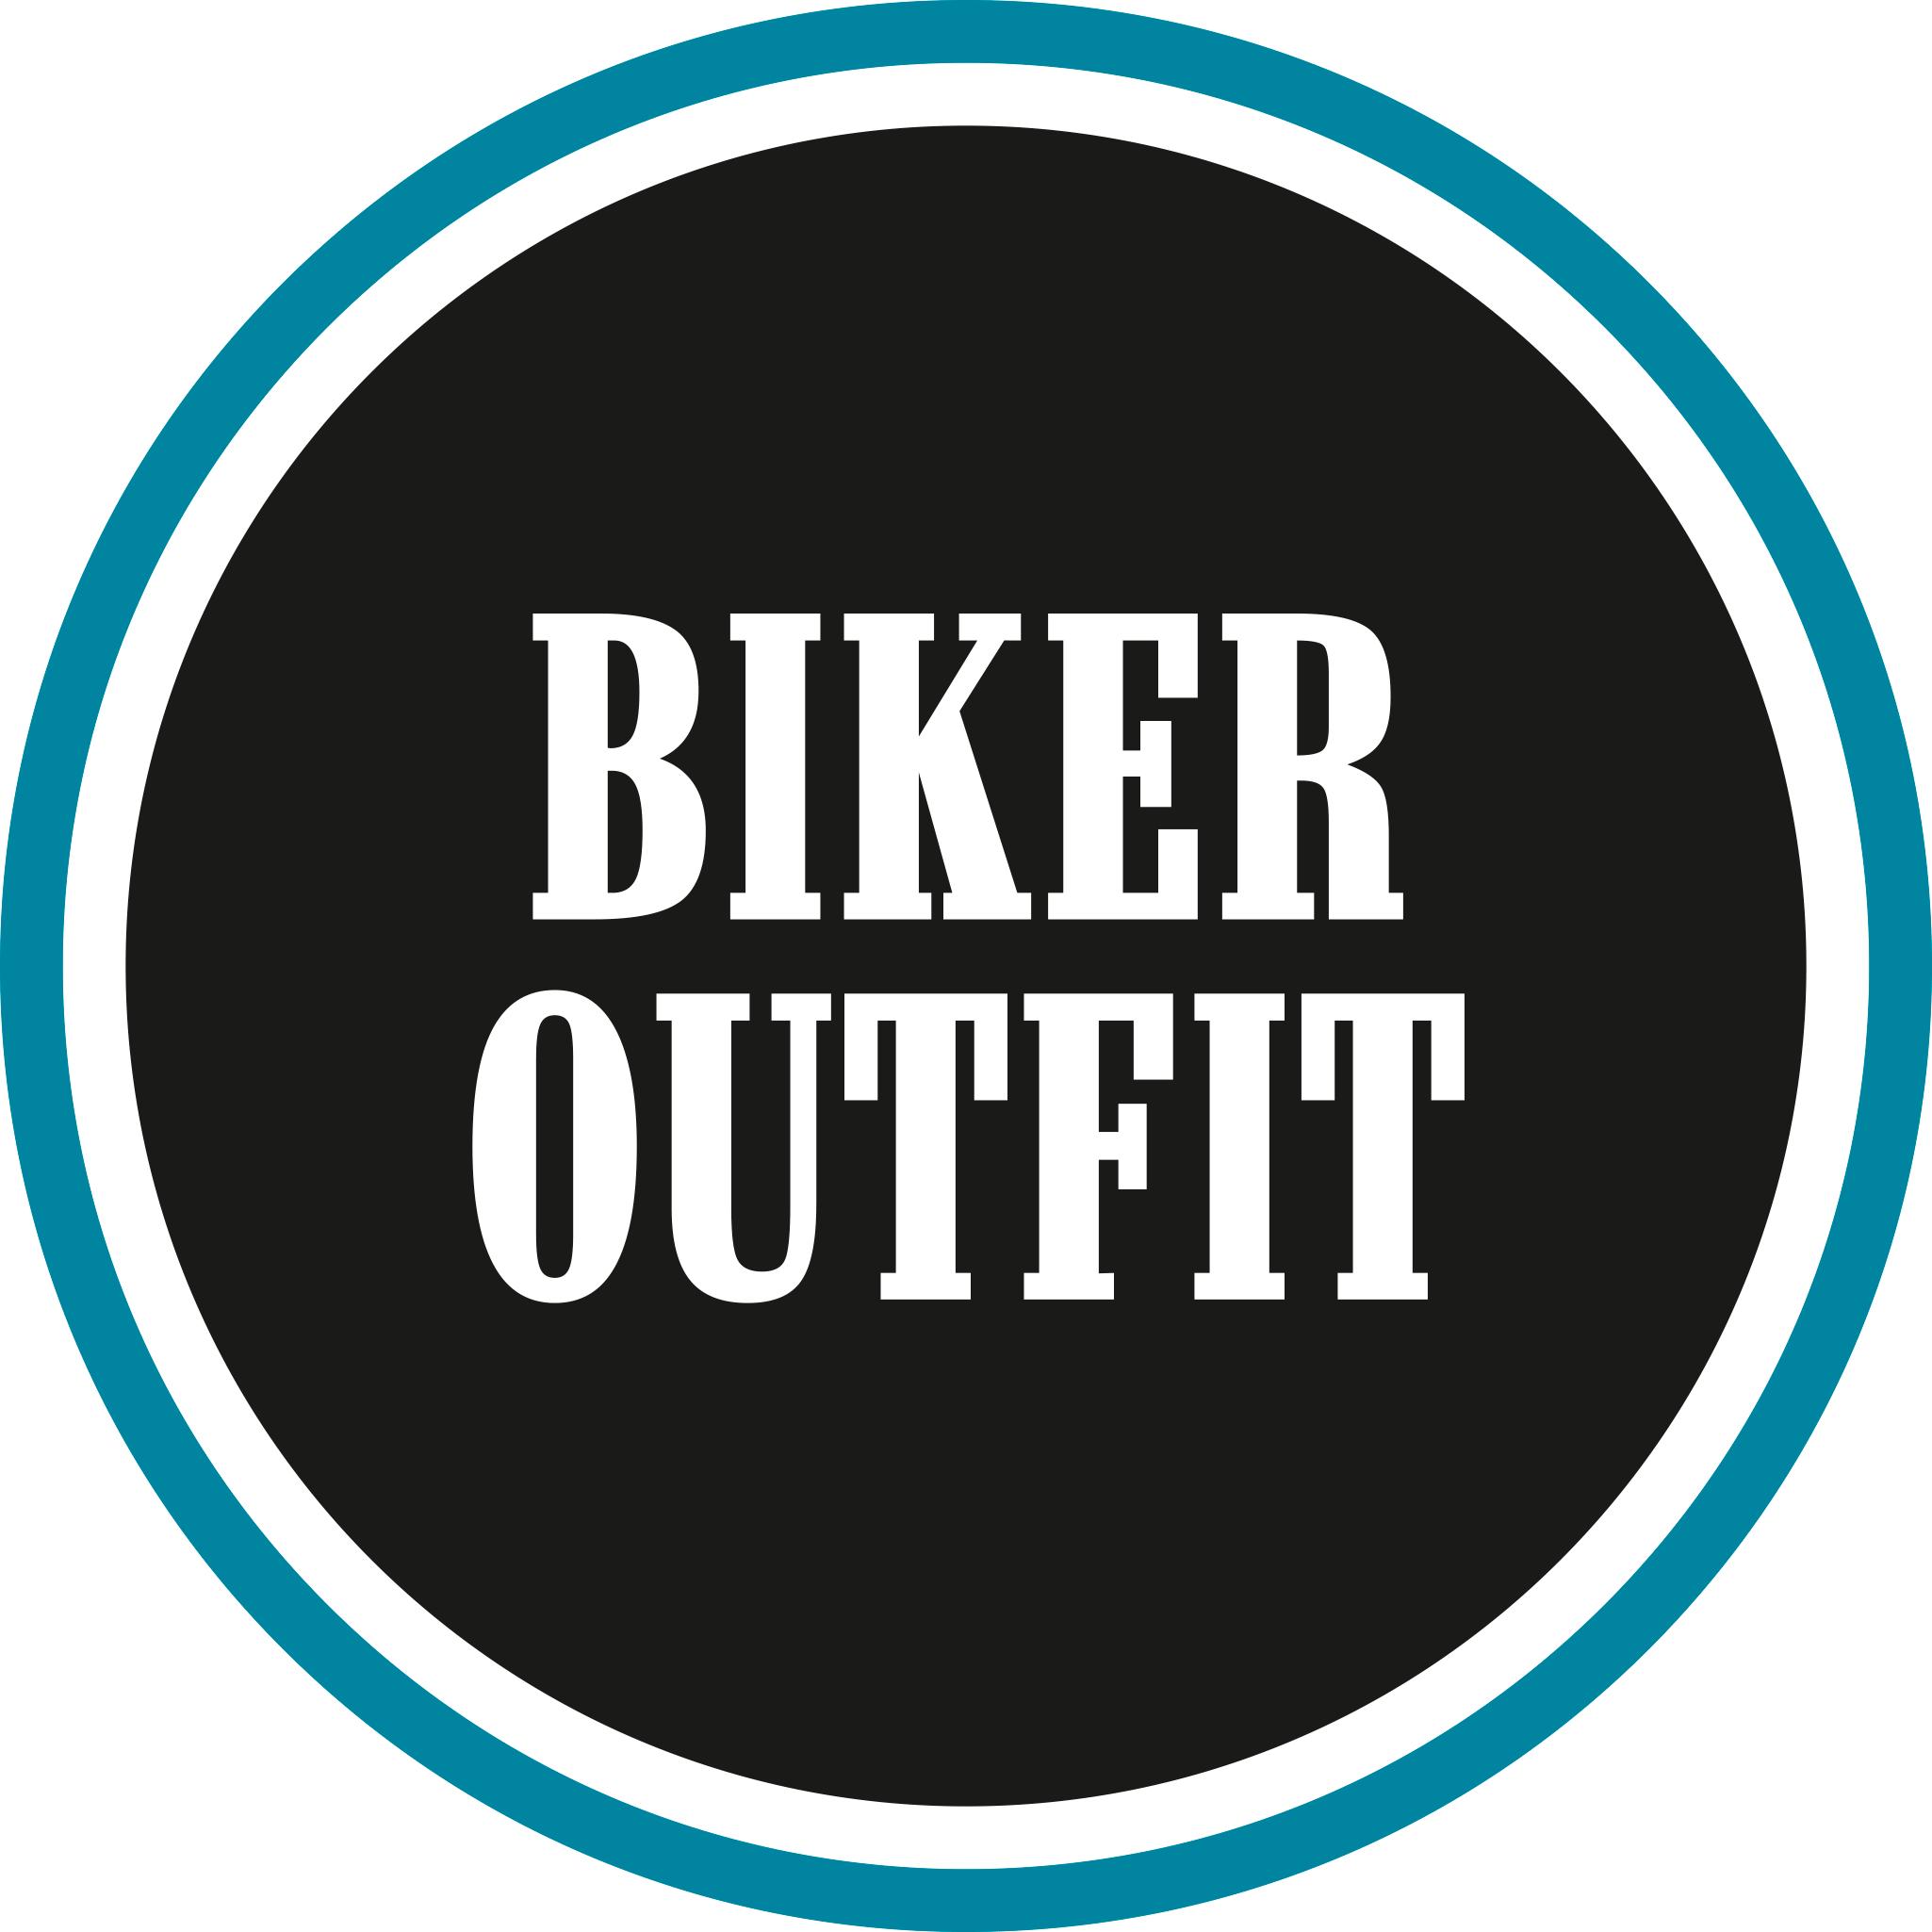 Motorkleding - Alle topmerken en gratis verzending vanaf 50 euro